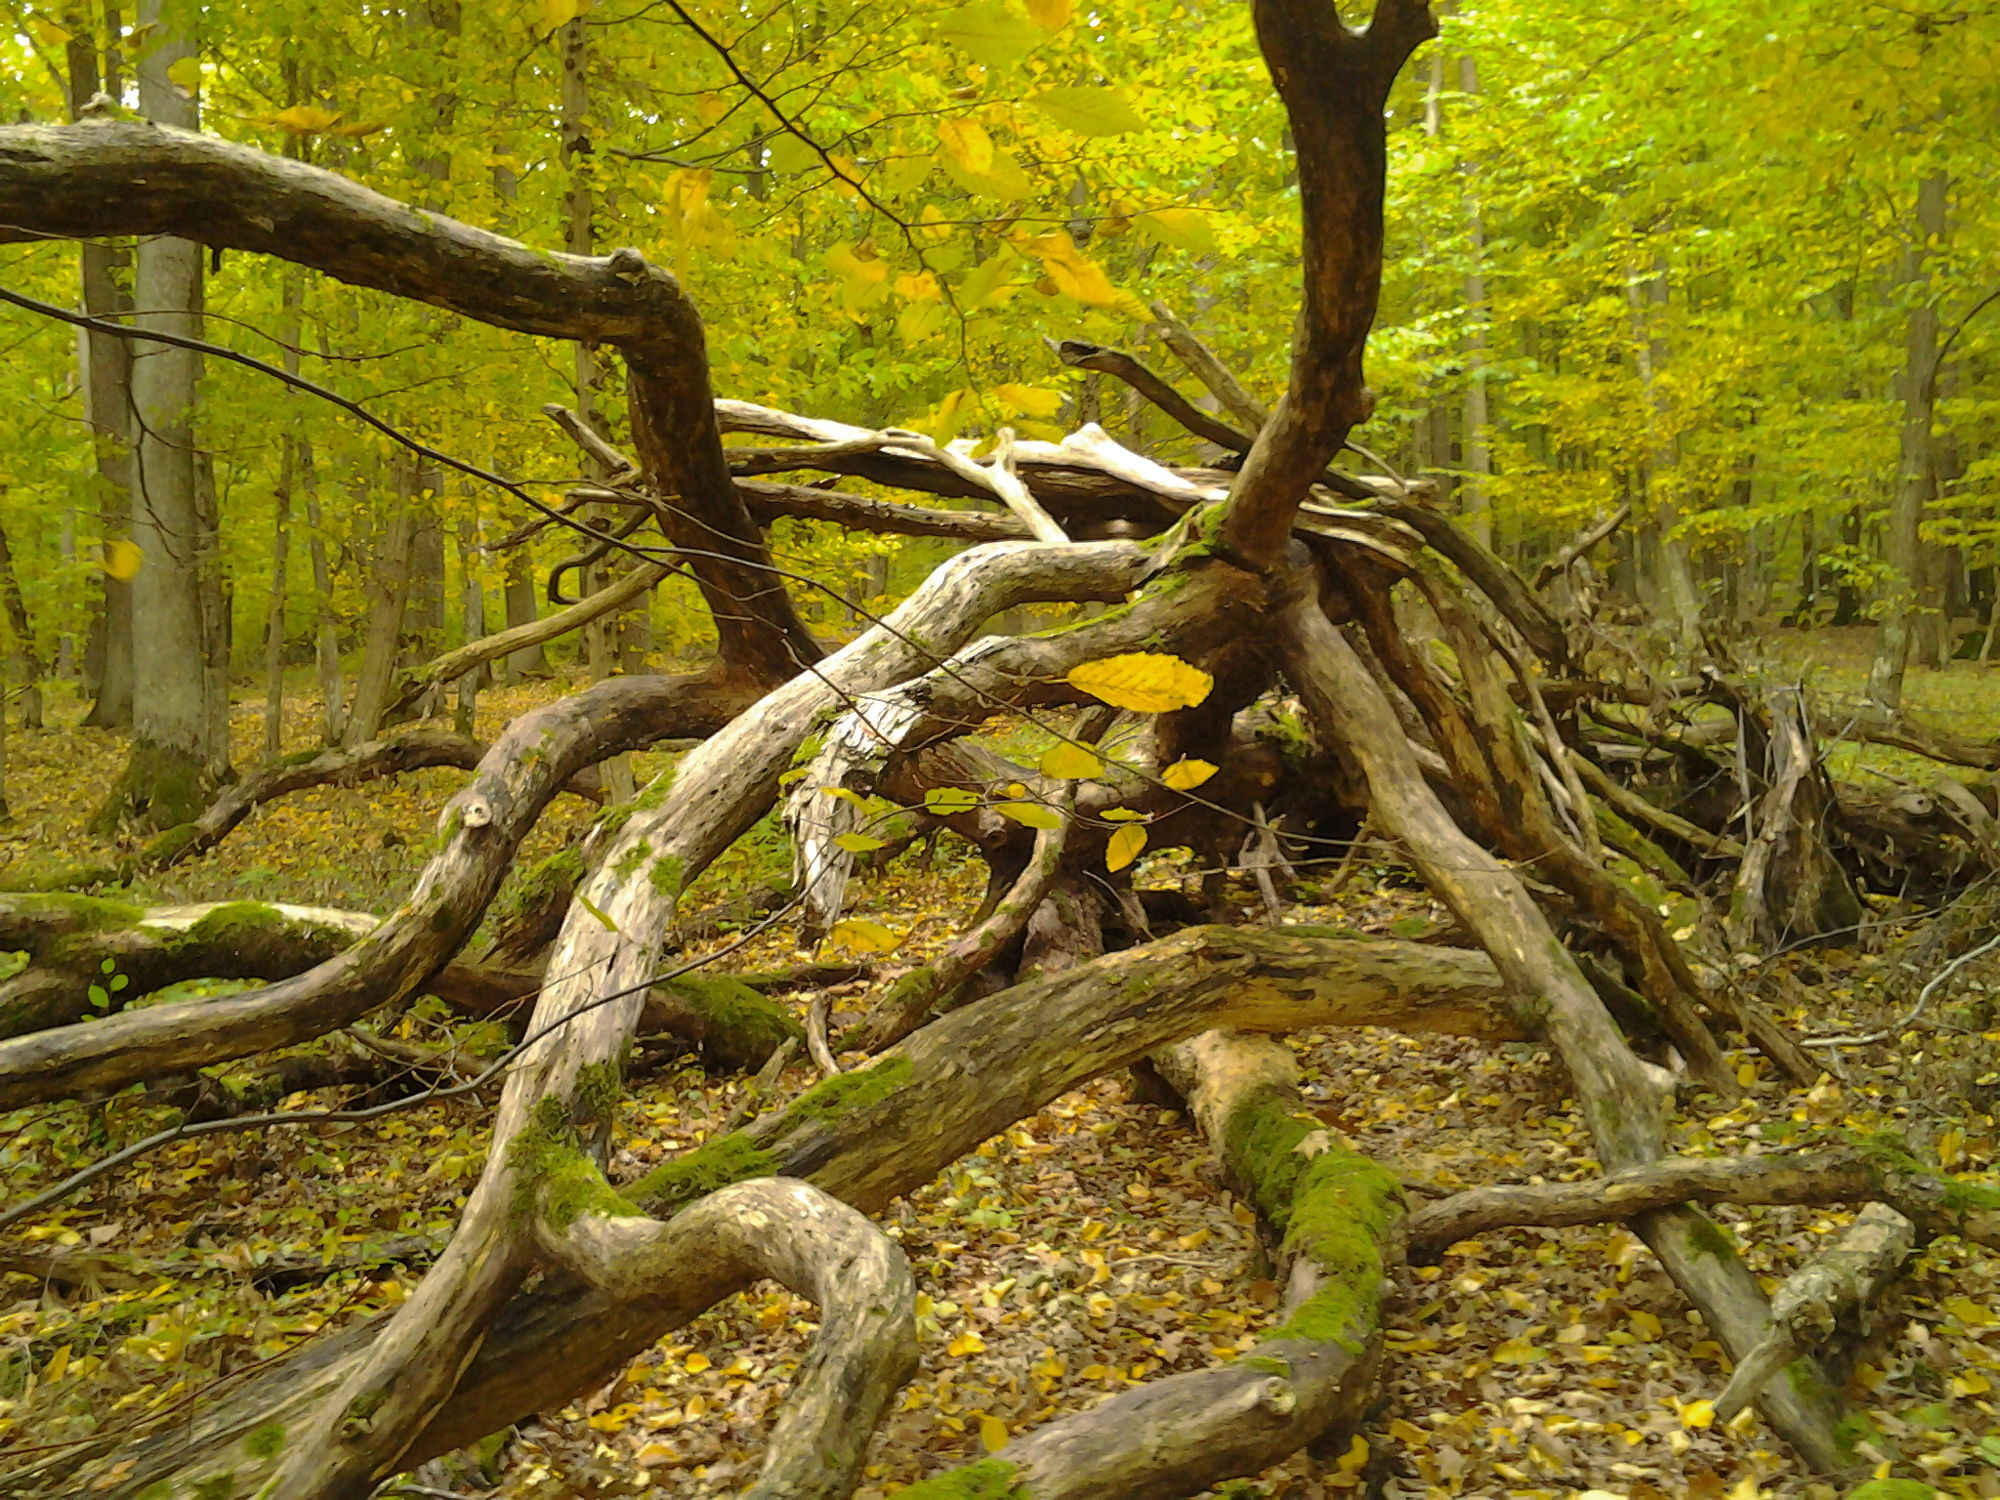 Bild mit Gelb, Grün, Landschaften, Bäume, Wald, Blätter, Landschaft, Trees, Äste, Fotografie, Küche, Leinwand, Esszimmer, Stimmung, wohnzimmer, stämme